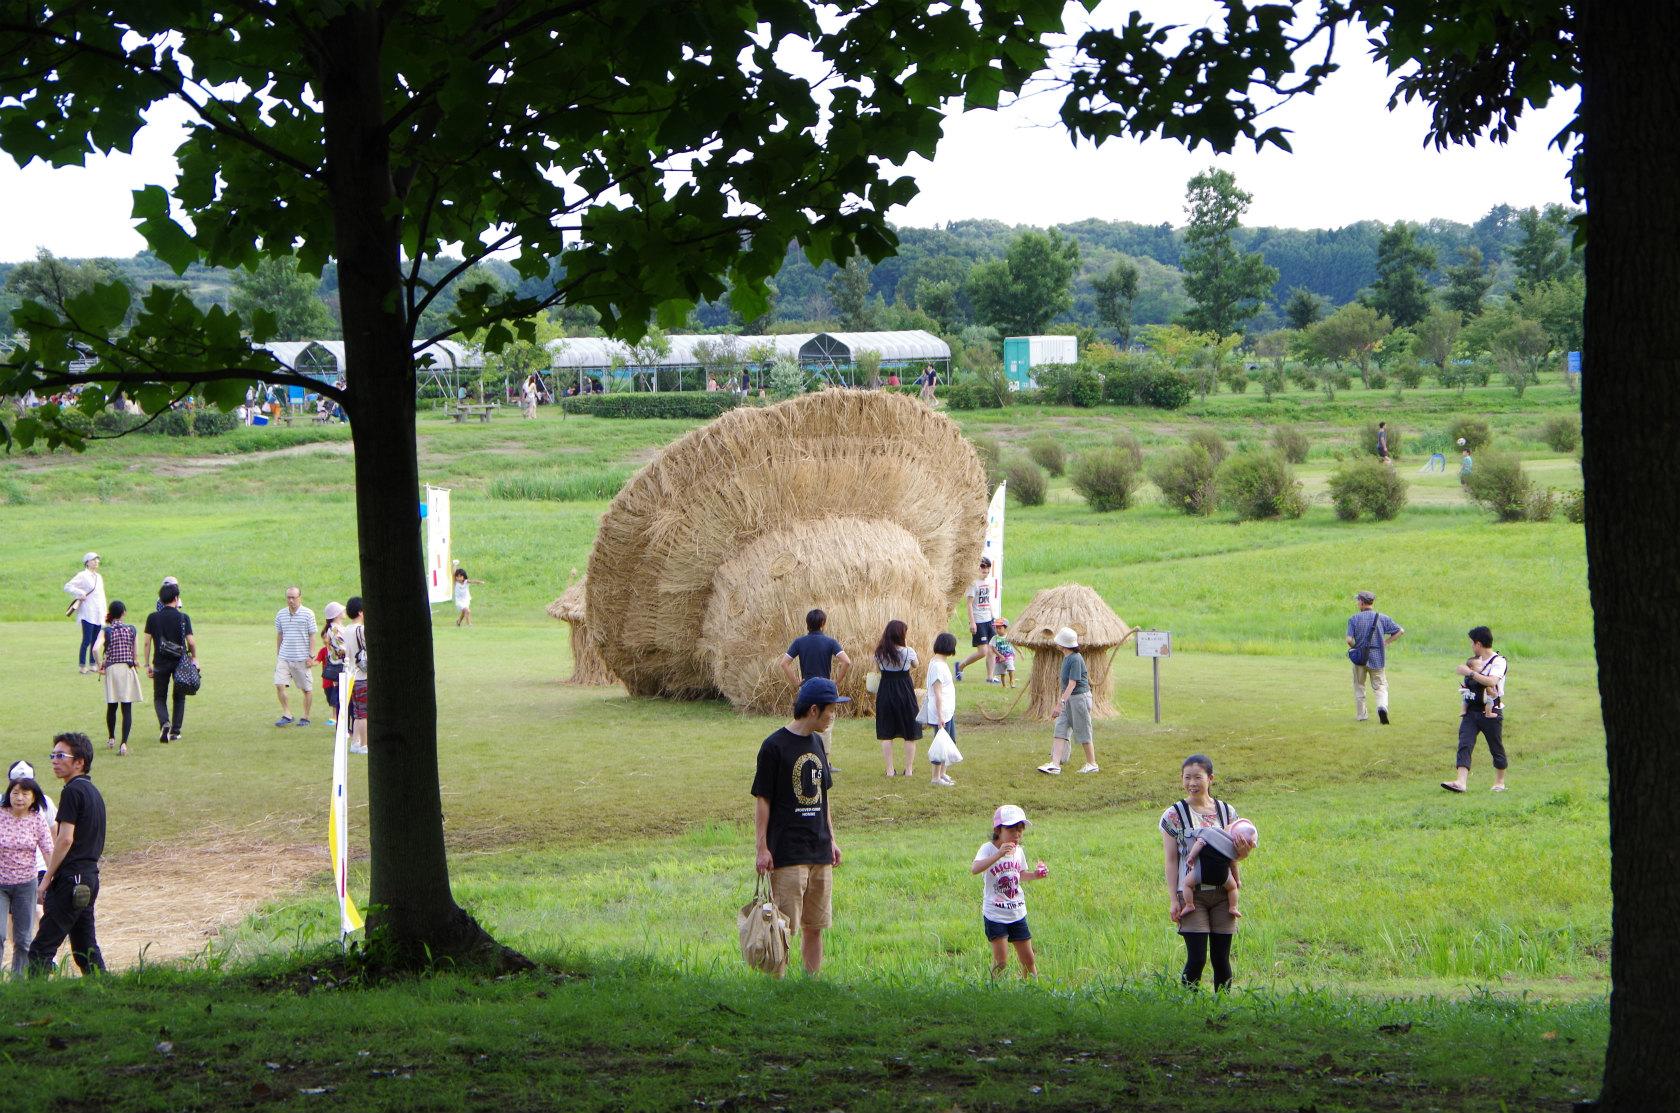 巨大な稲わらのオブジェ!上堰潟公園の「わらアート祭り」に行ってきた!展示は10月末まで